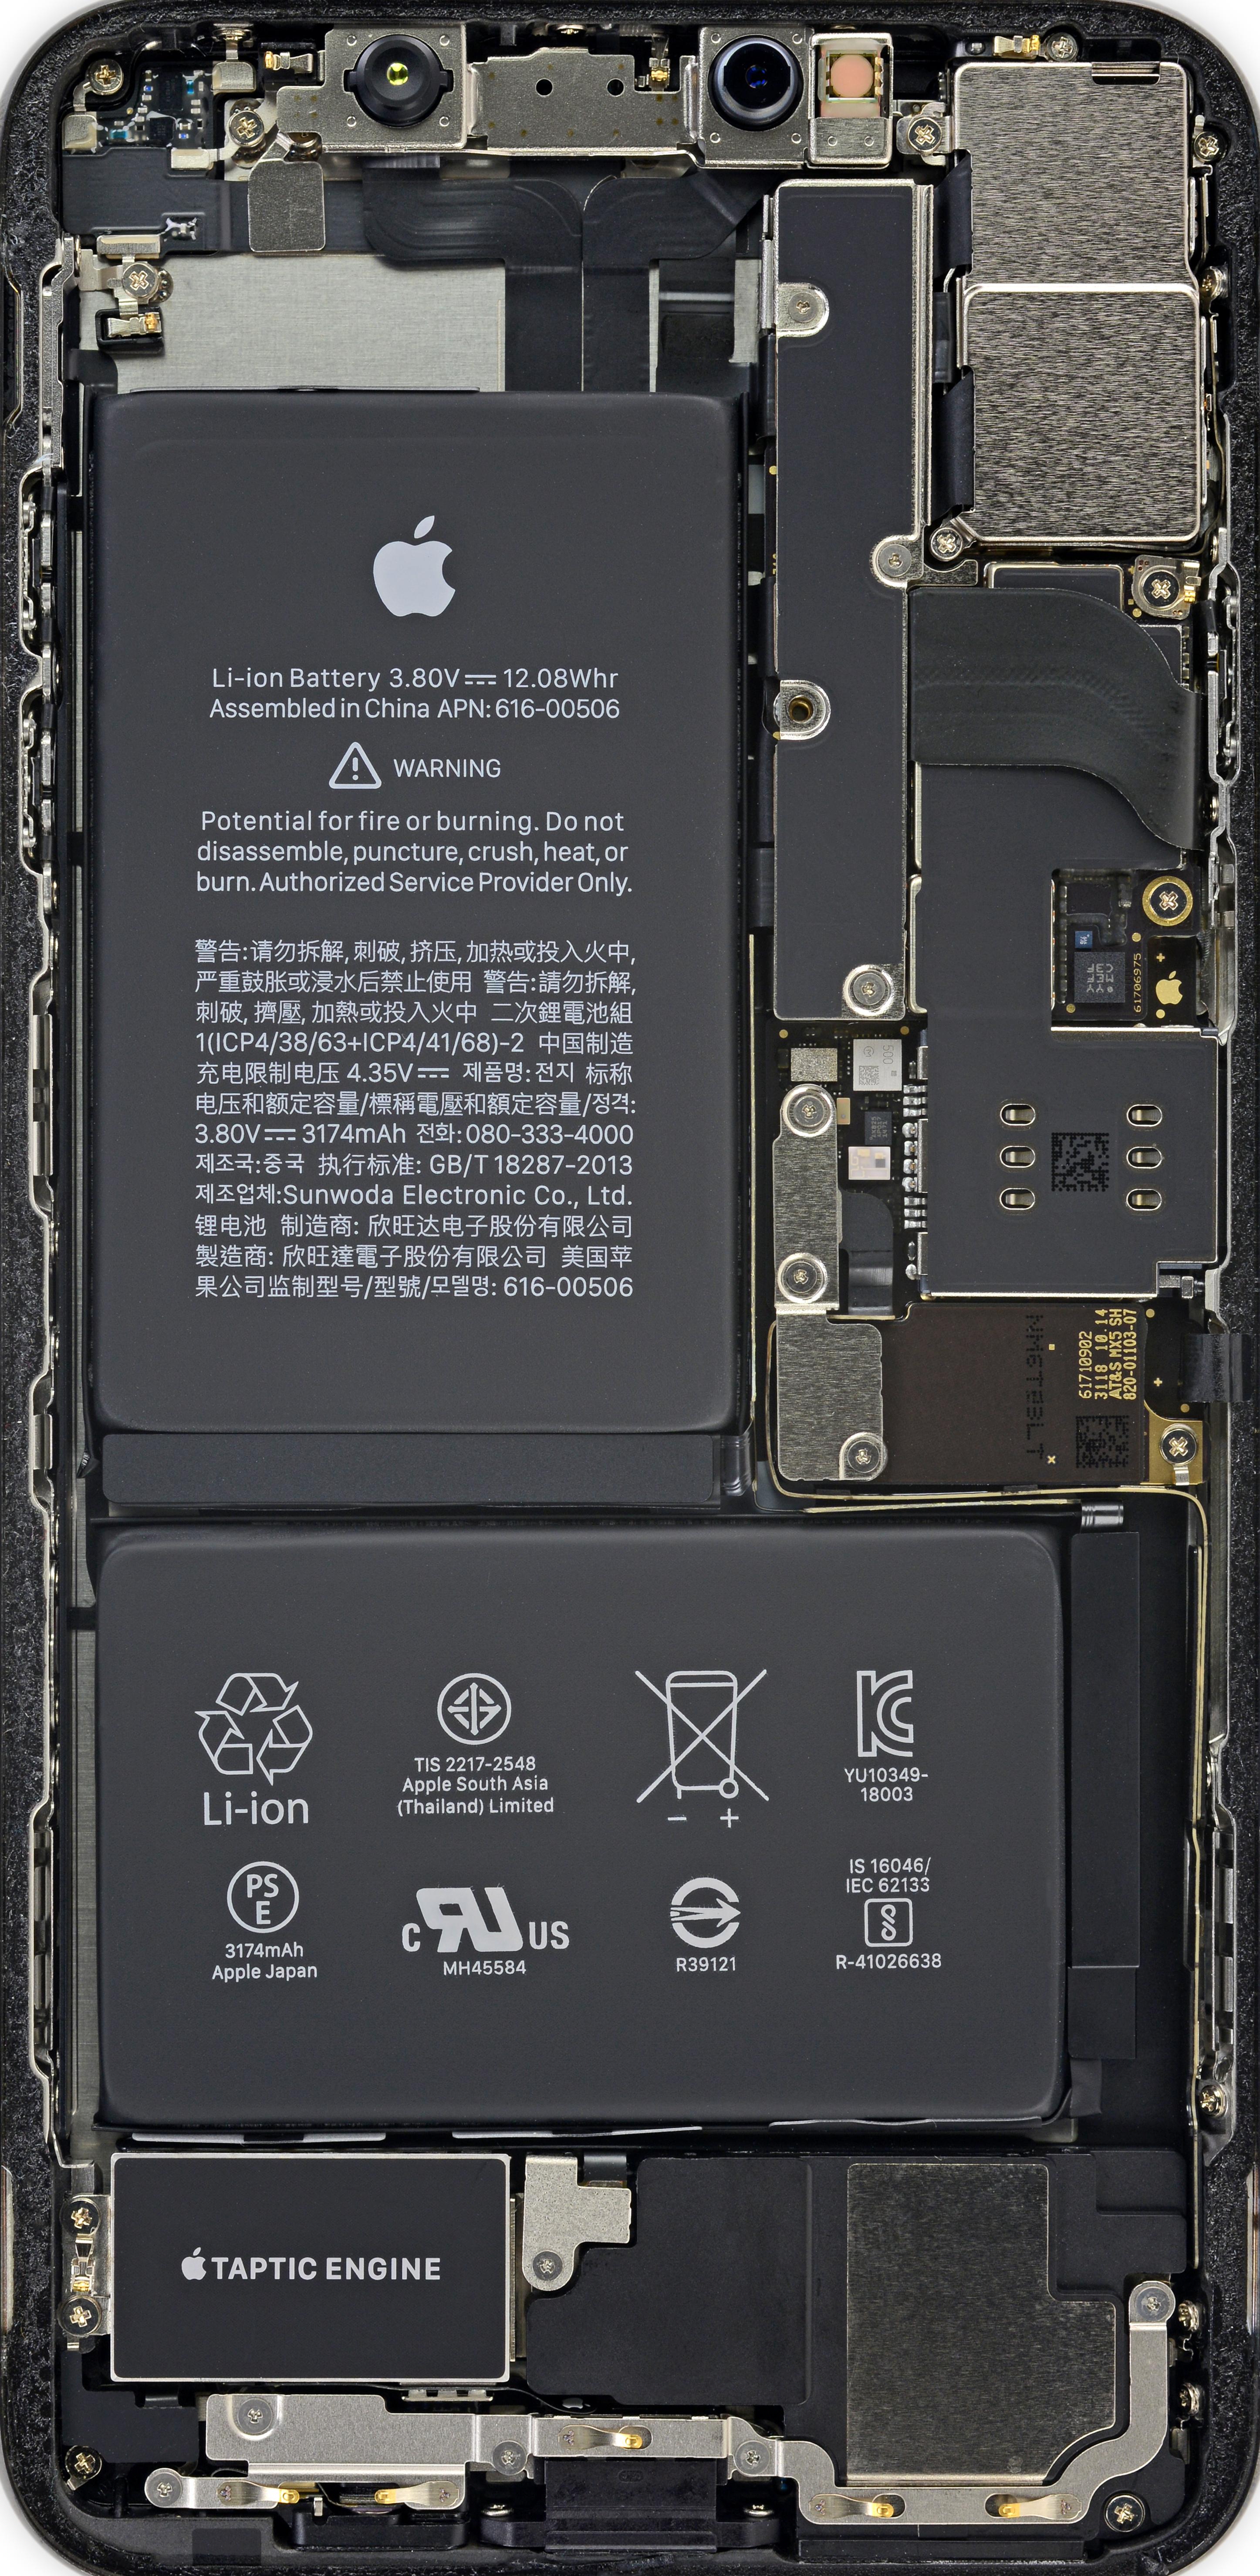 Ecco Il Download Degli Sfondi A Raggi X Di Iphone Xs Ed Iphone Xr